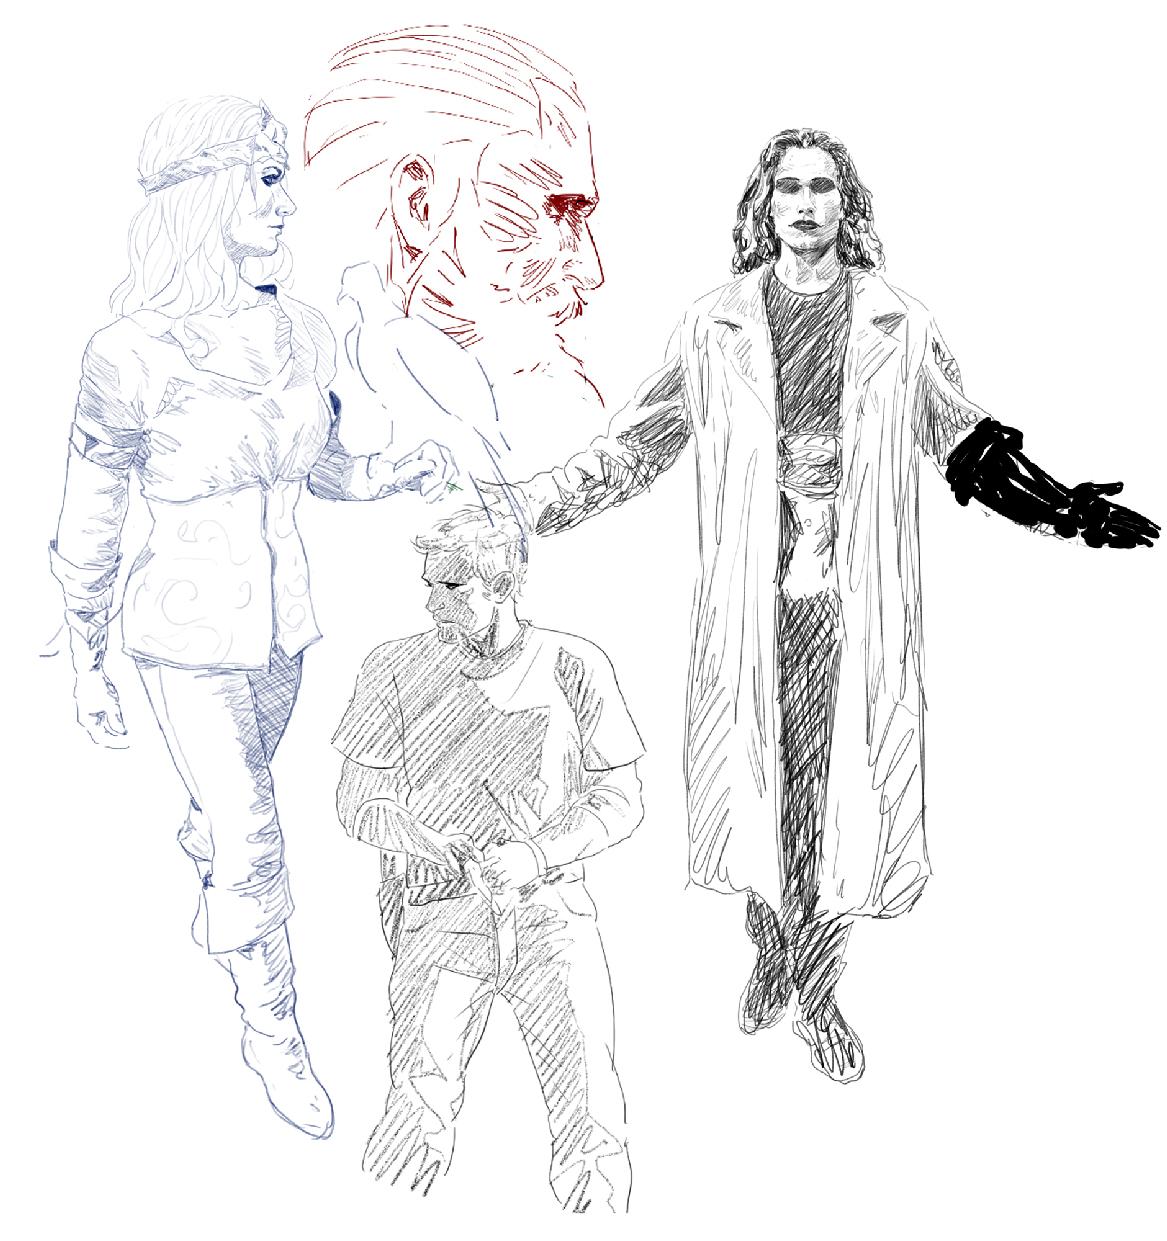 Recherches graphiques de Dagorath - Page 4 1562175259-sketches-random8383849